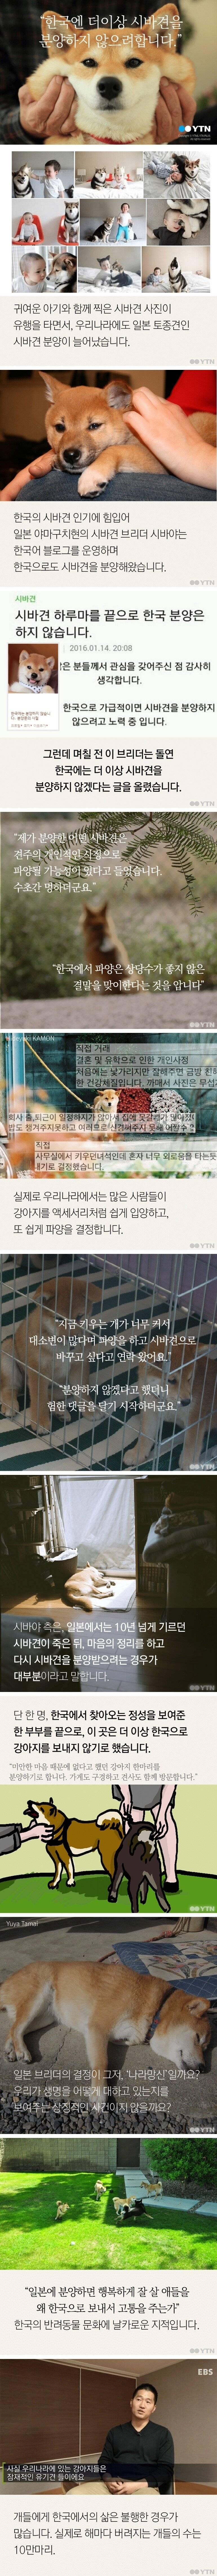 한국엔 더이상 시바견을 분양하지 않으려 합니다.jpg